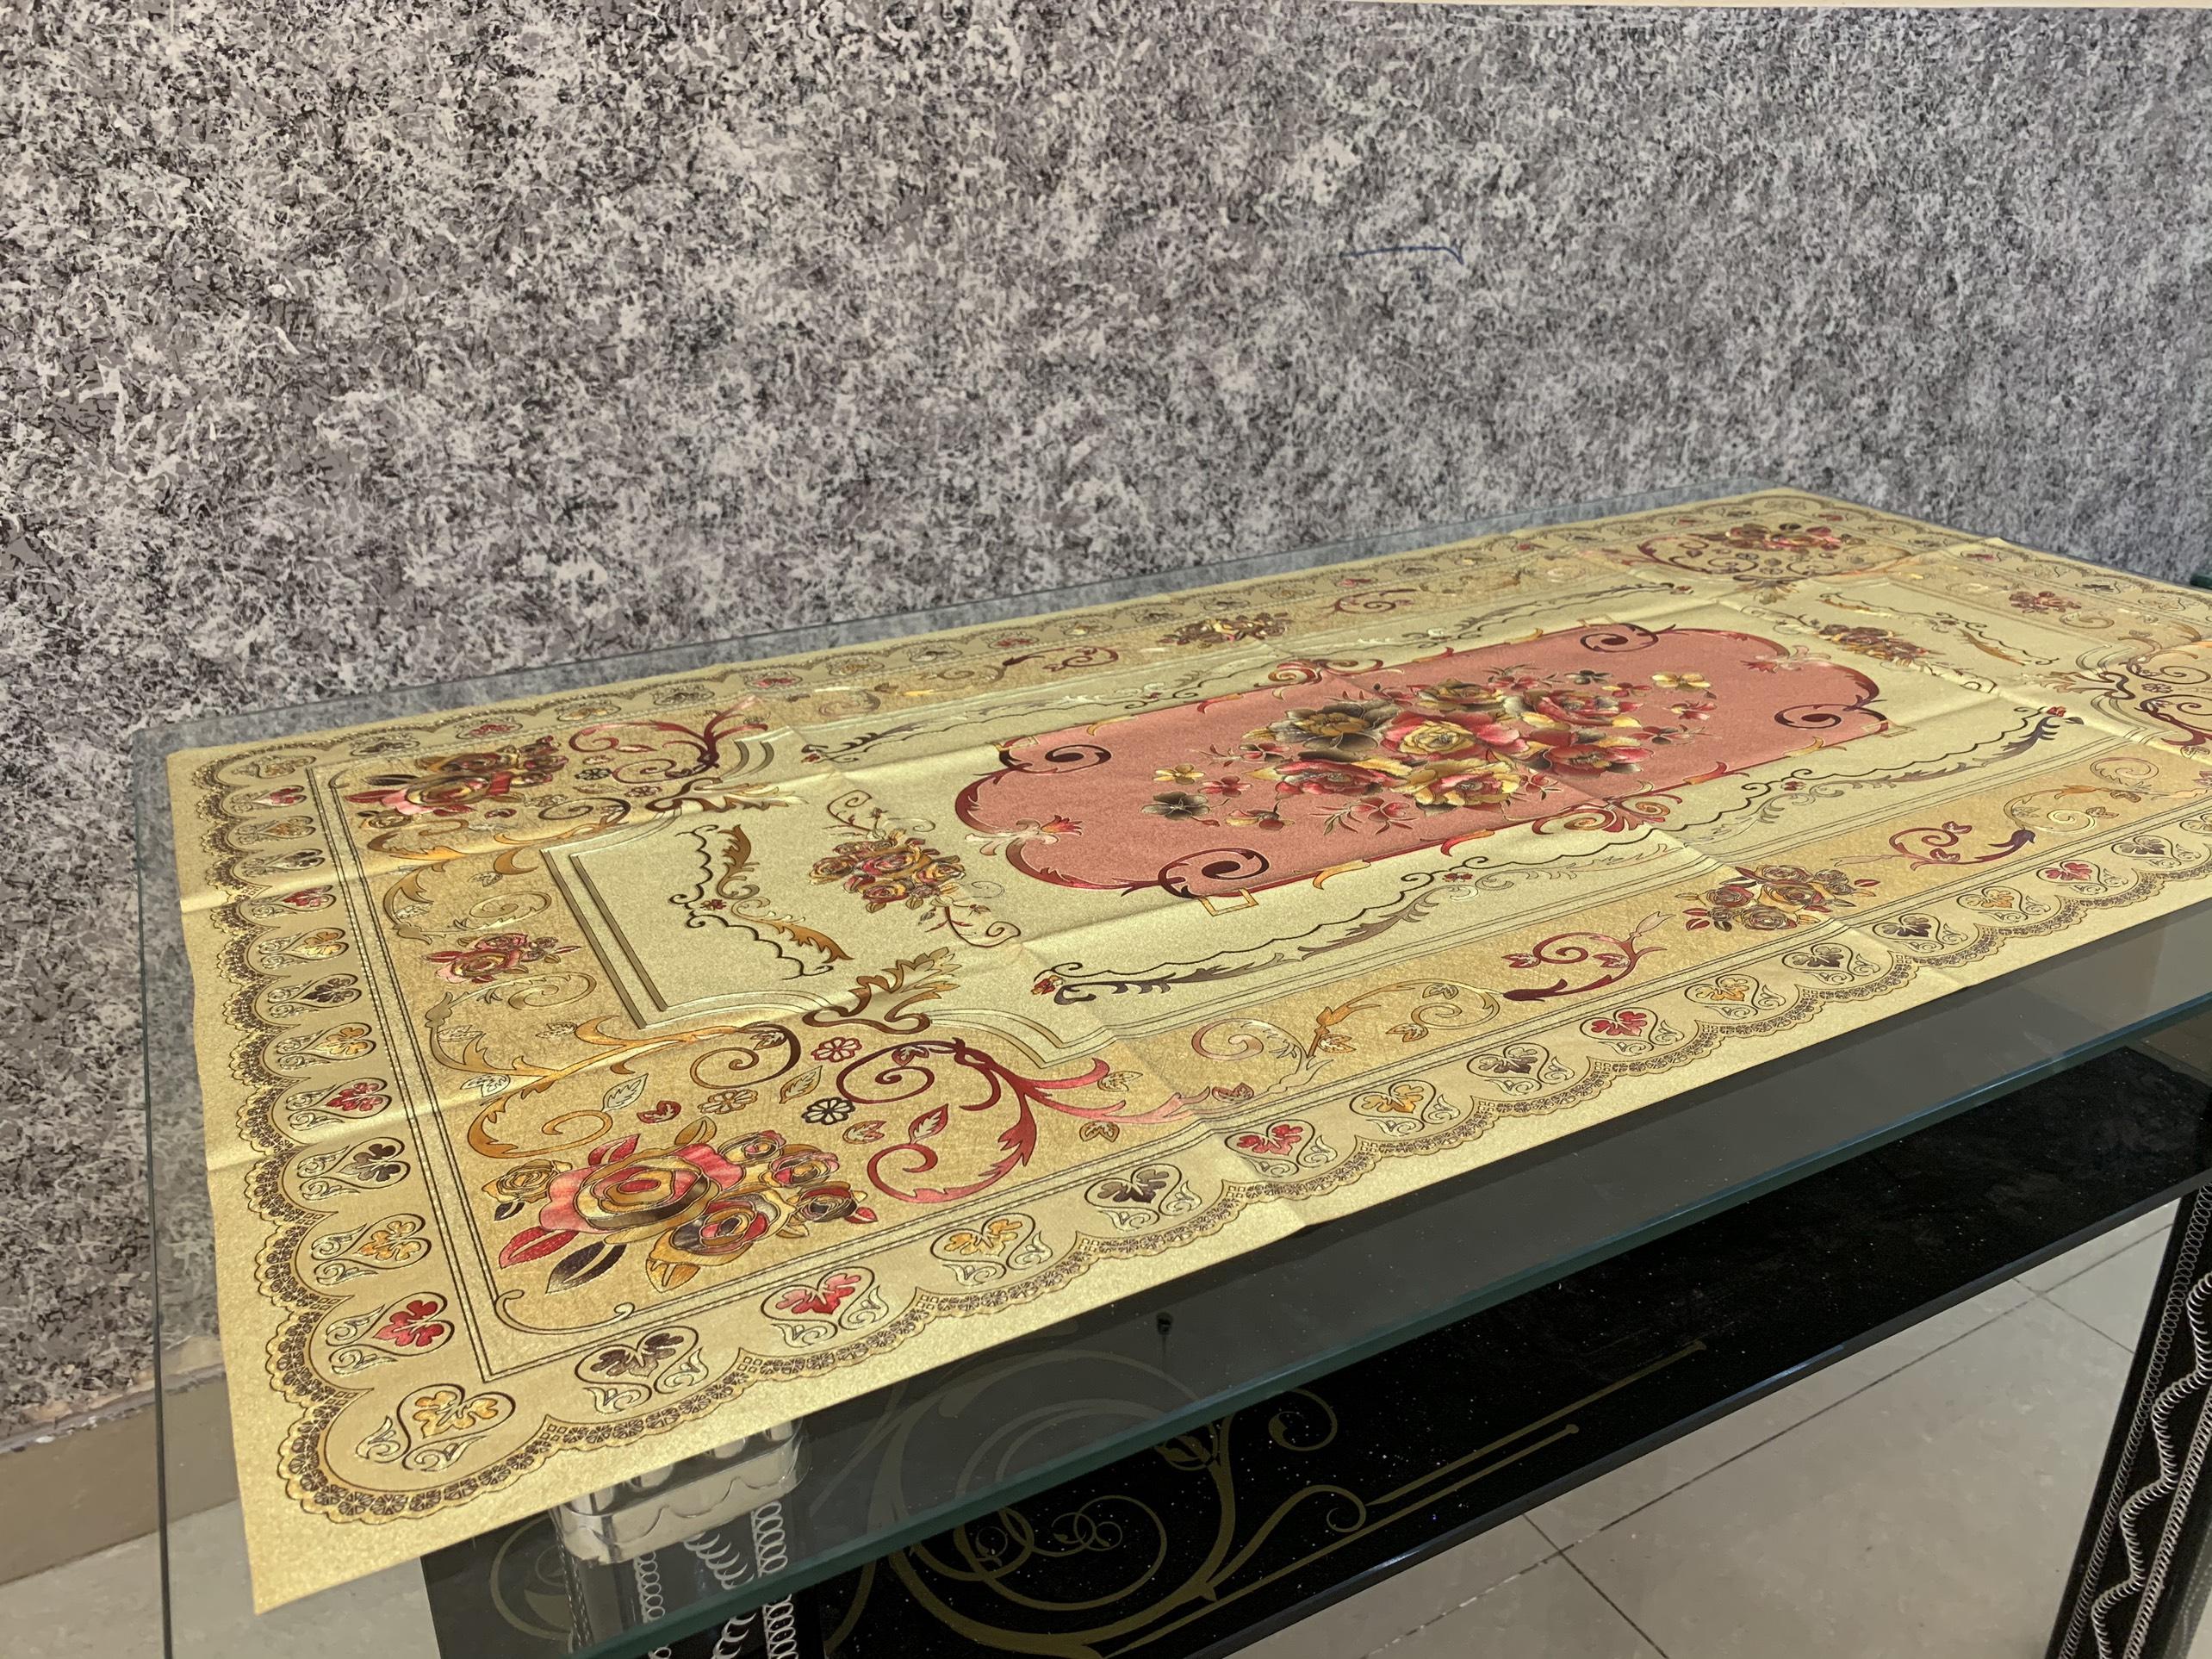 Khăn trải bàn 60x120cm vải bố hoại tiết 3d cao cấp(giao màu ngẫu nhiên)